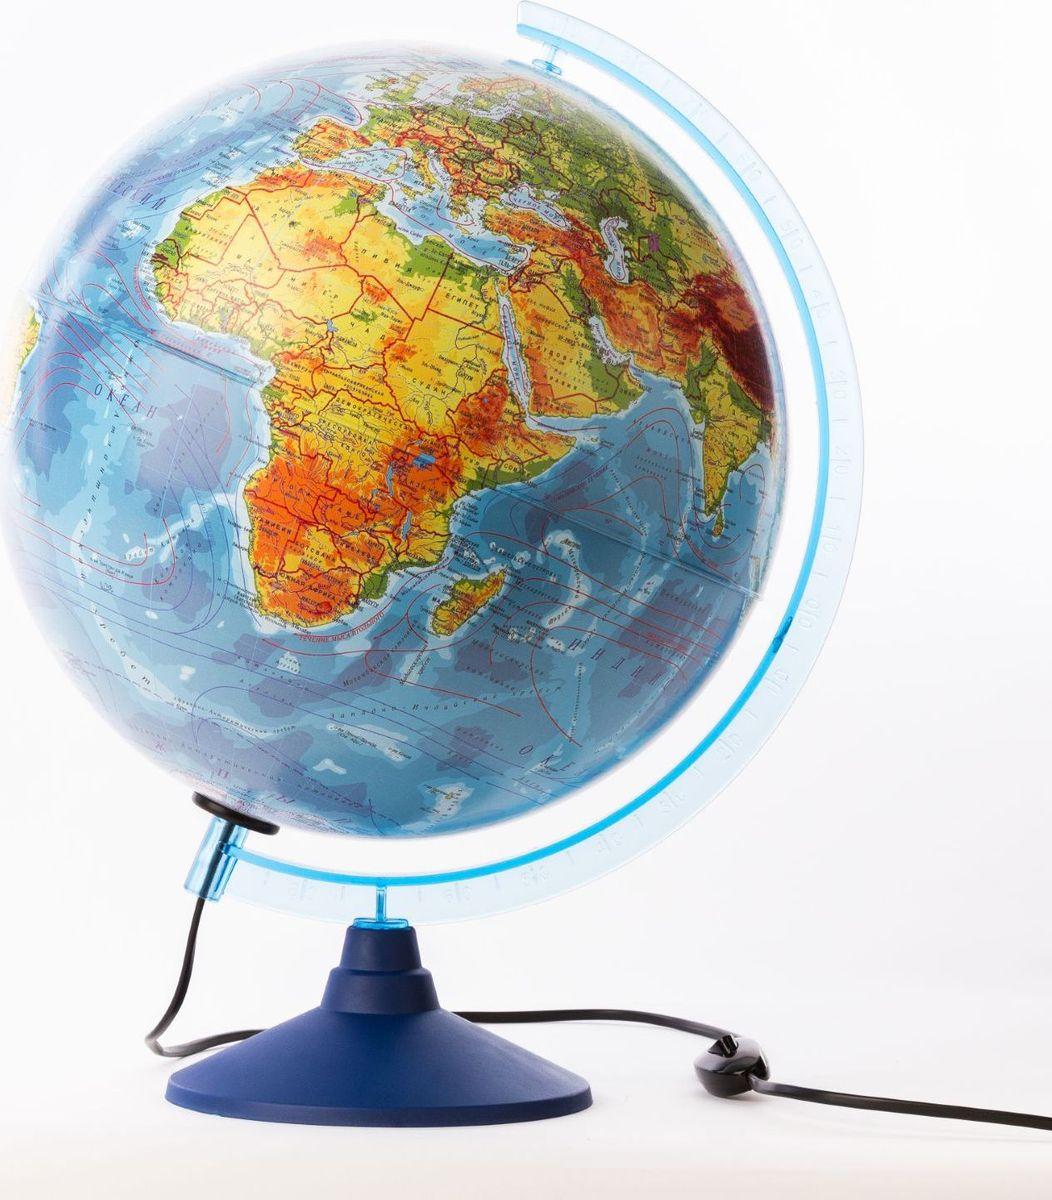 Глобен Глобус физико-политический Классик Евро с подсветкой диаметр 32 см -  Канцтовары и организация рабочего места